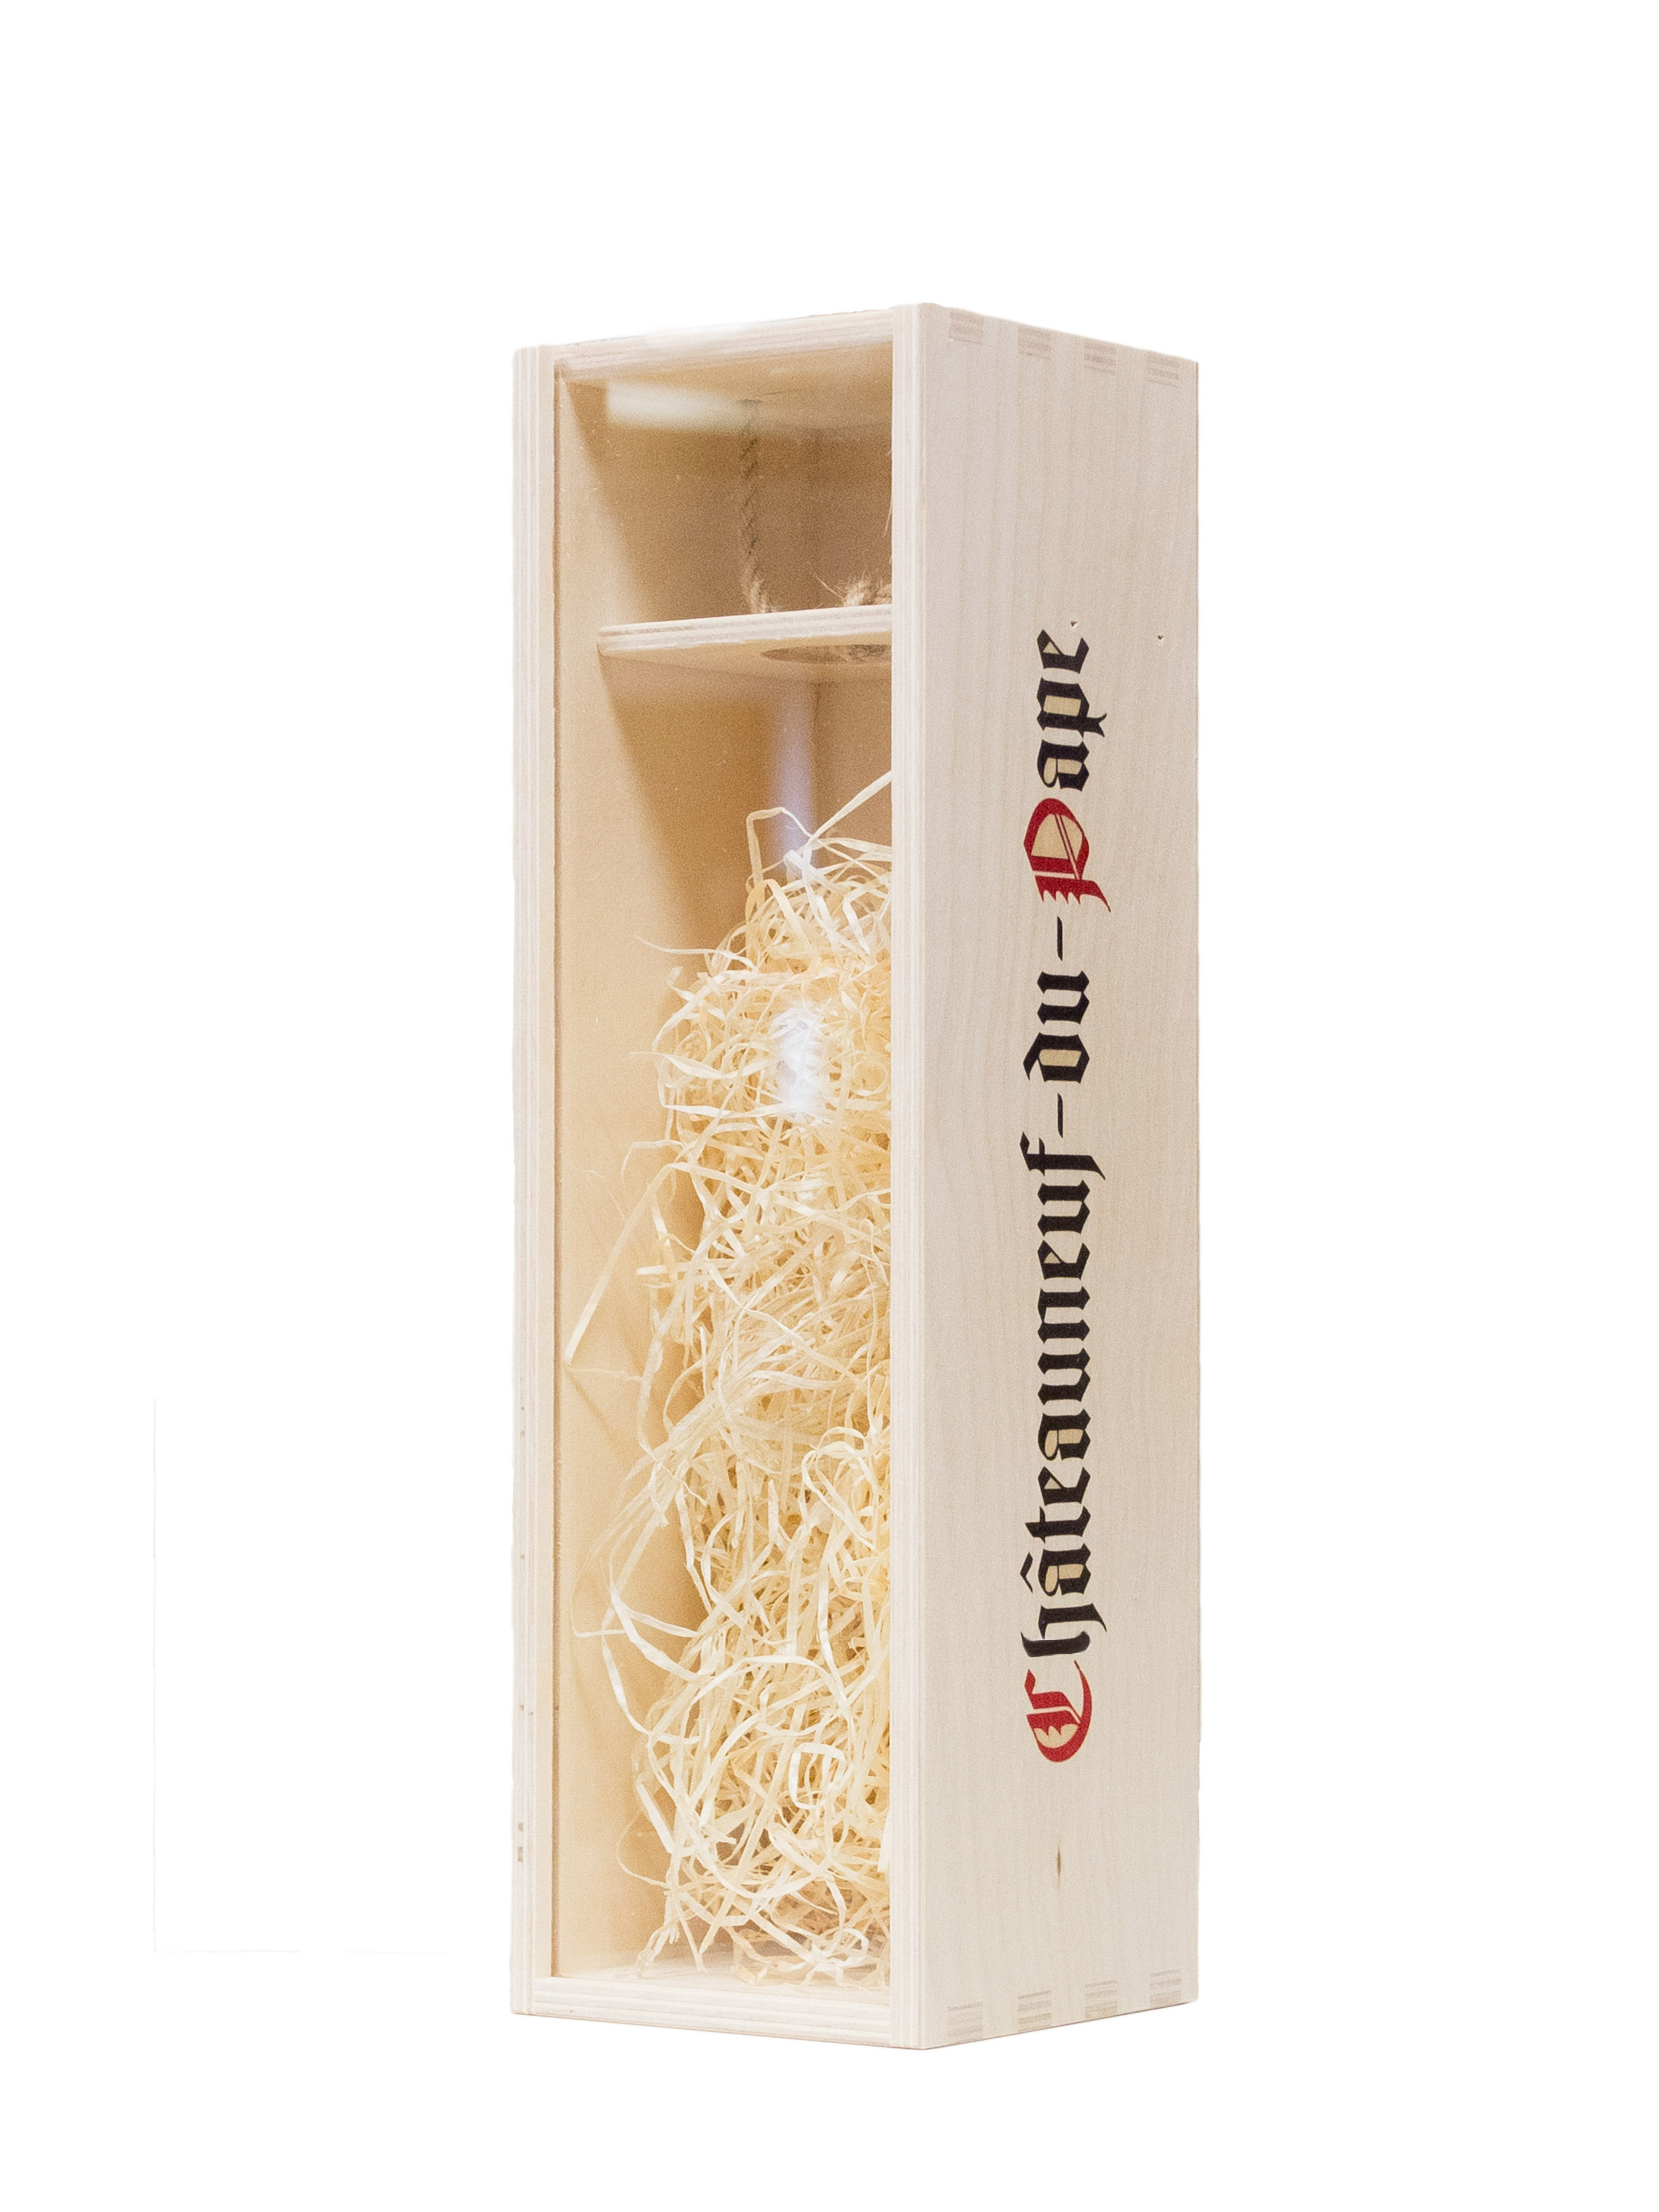 Dřevěná kazeta na víno s průhledným víkem - Châteauneuf-du-Pape